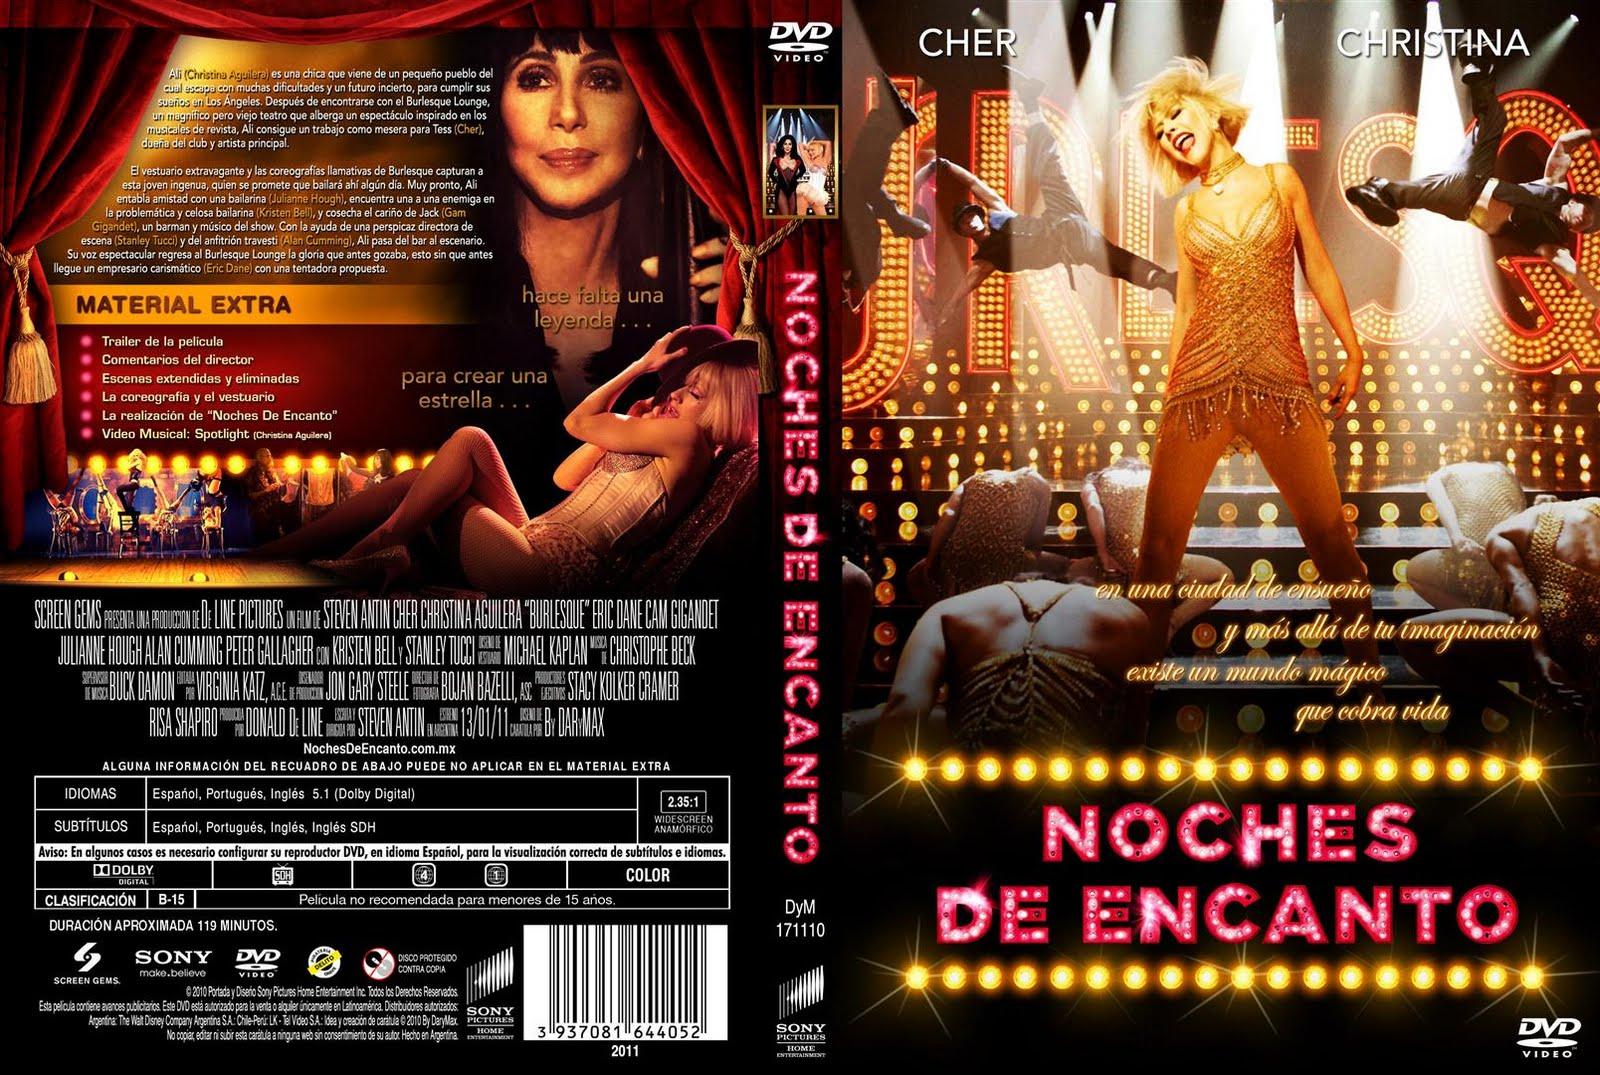 http://1.bp.blogspot.com/-54P5VbNq0EQ/TXalVsXWAhI/AAAAAAAAP1M/HpD9bBUnsNg/s1600/Noches_De_Encanto_2010.jpg